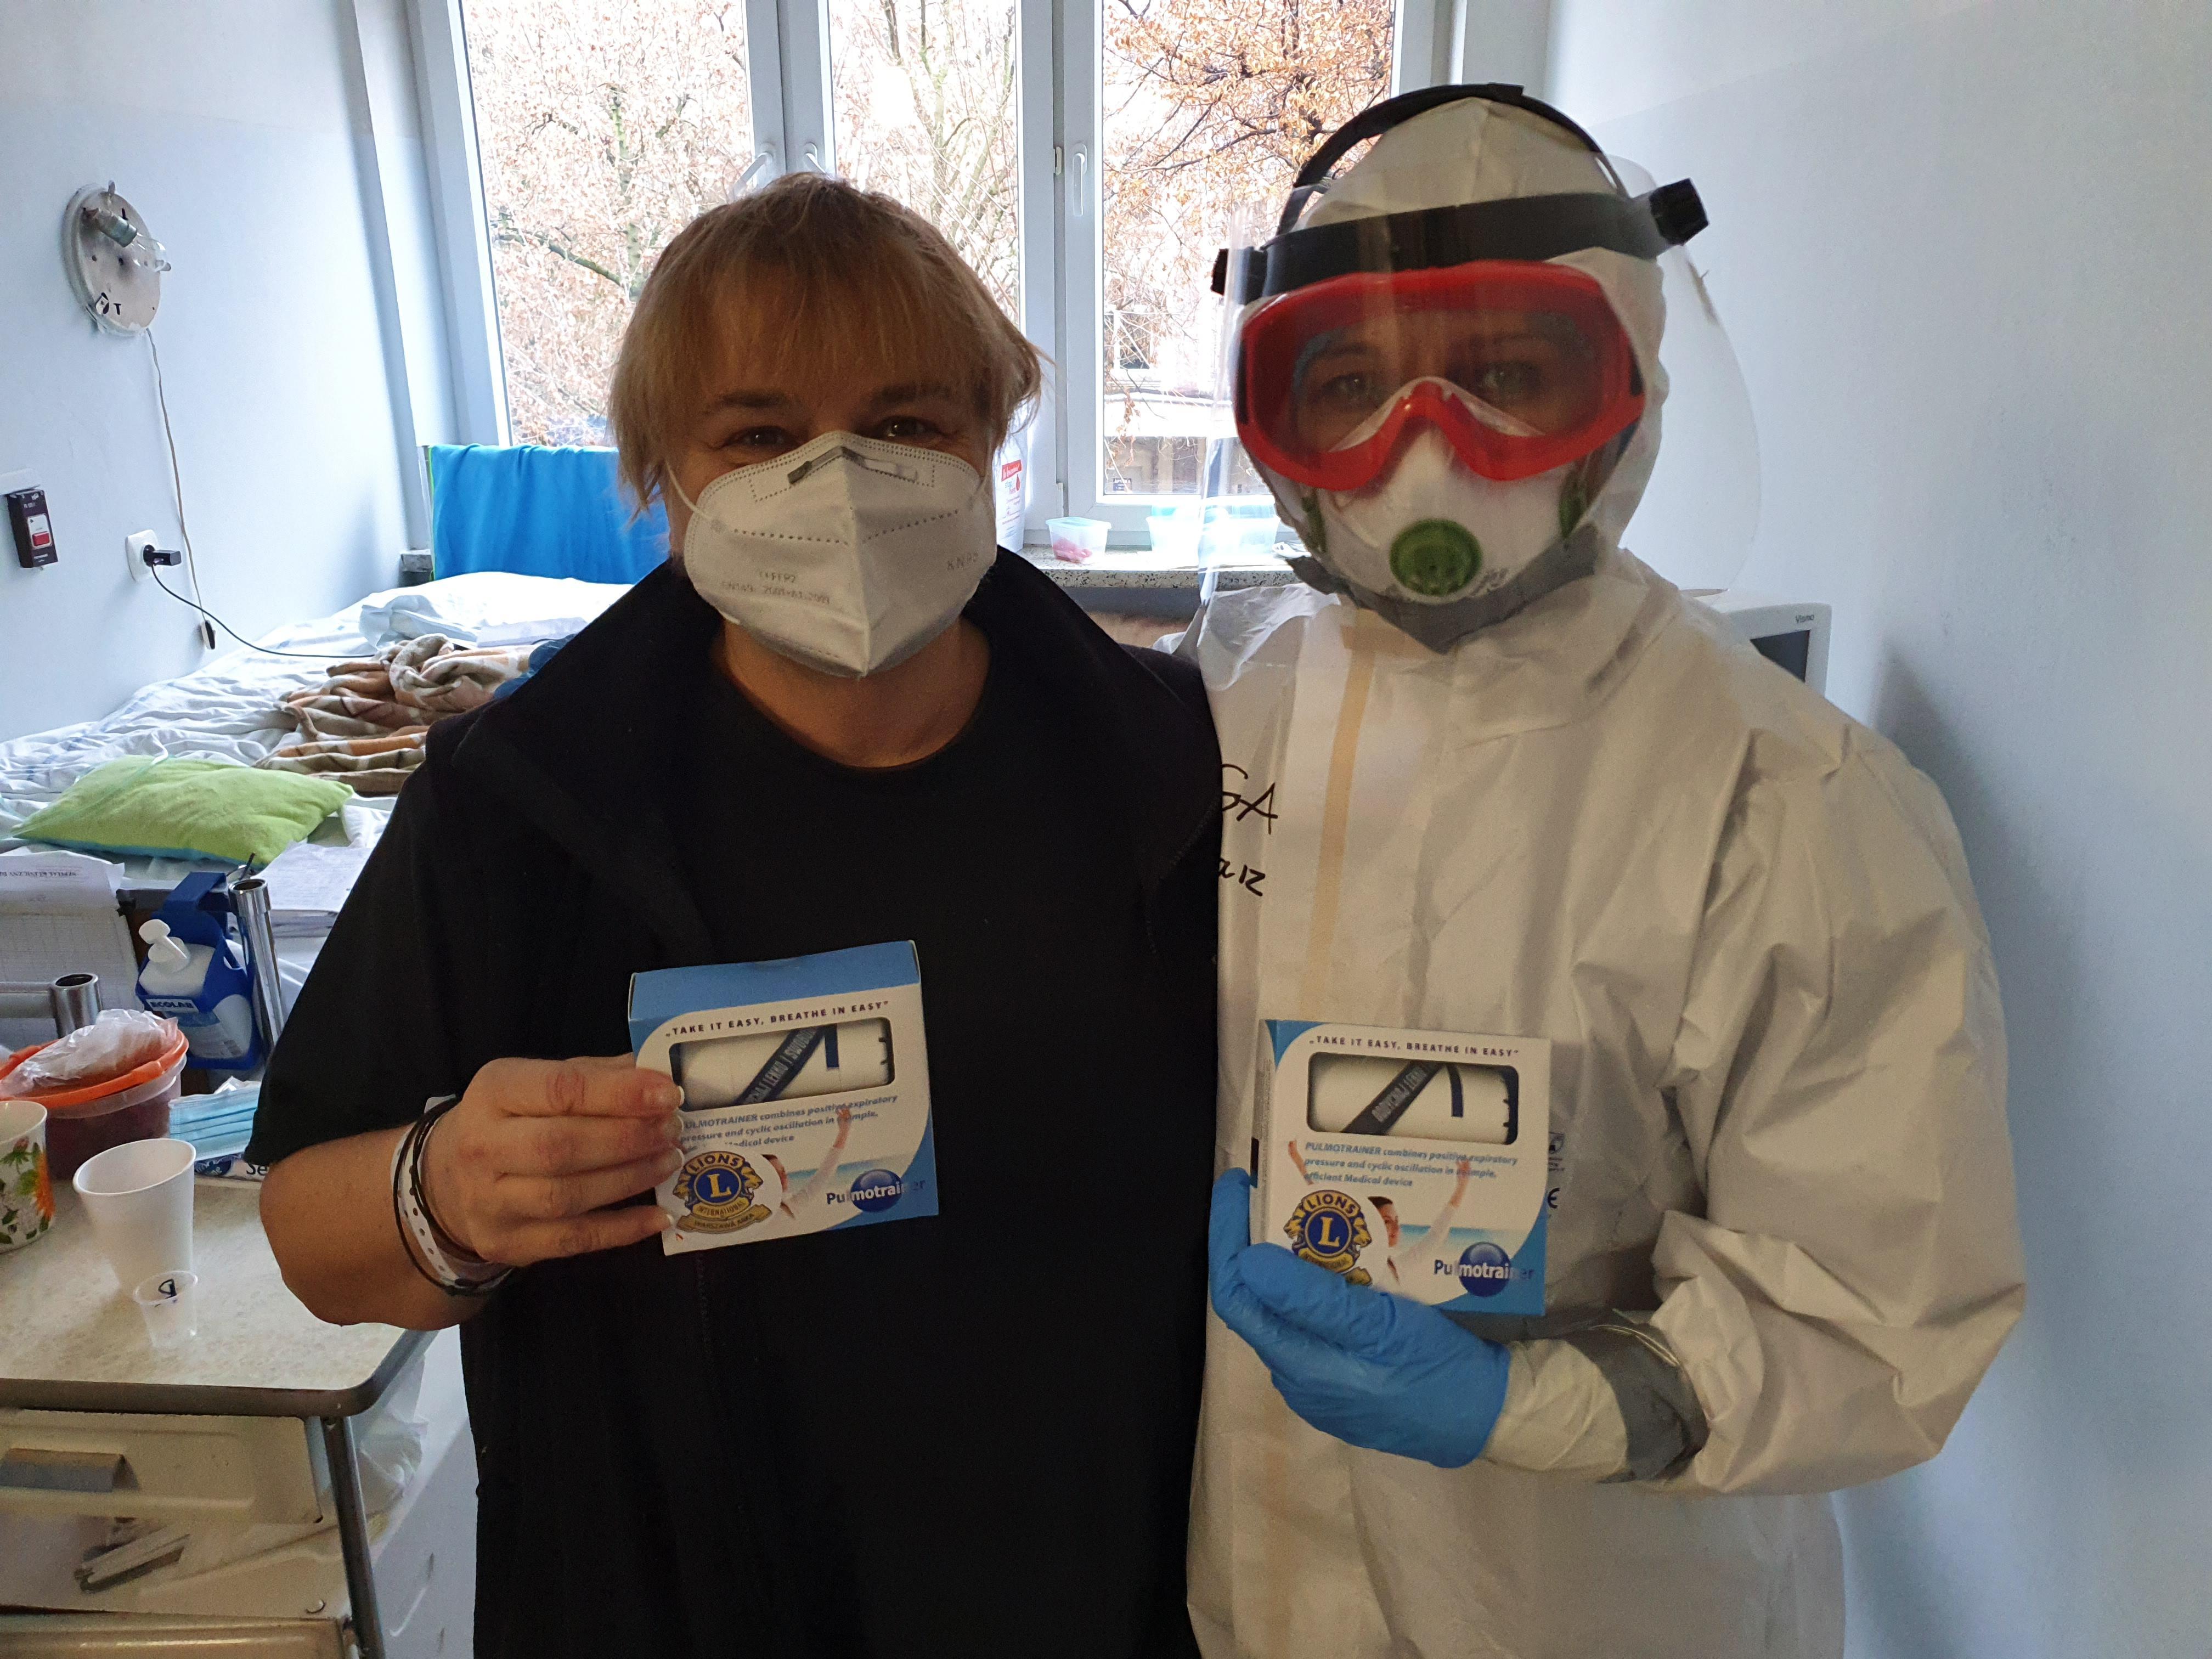 pulmotrainery-dla-lindleya-w-warszawie-11-12-2020-r